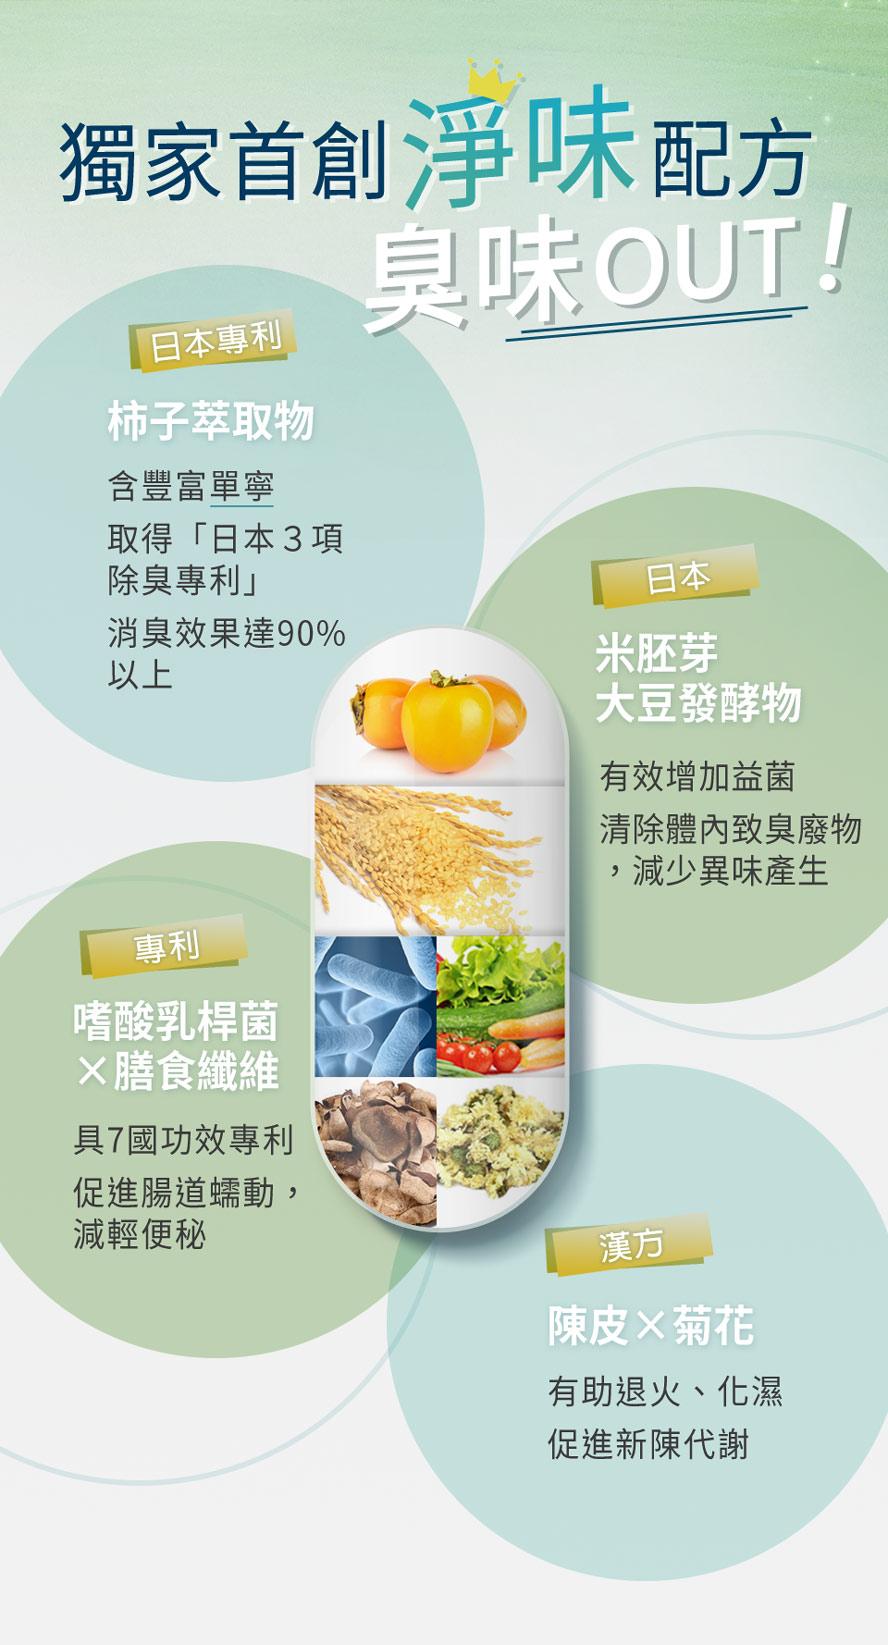 日本專利柿子萃取與大荳發酵物,並添加陳皮、菊花等漢方配方,有效改善體味